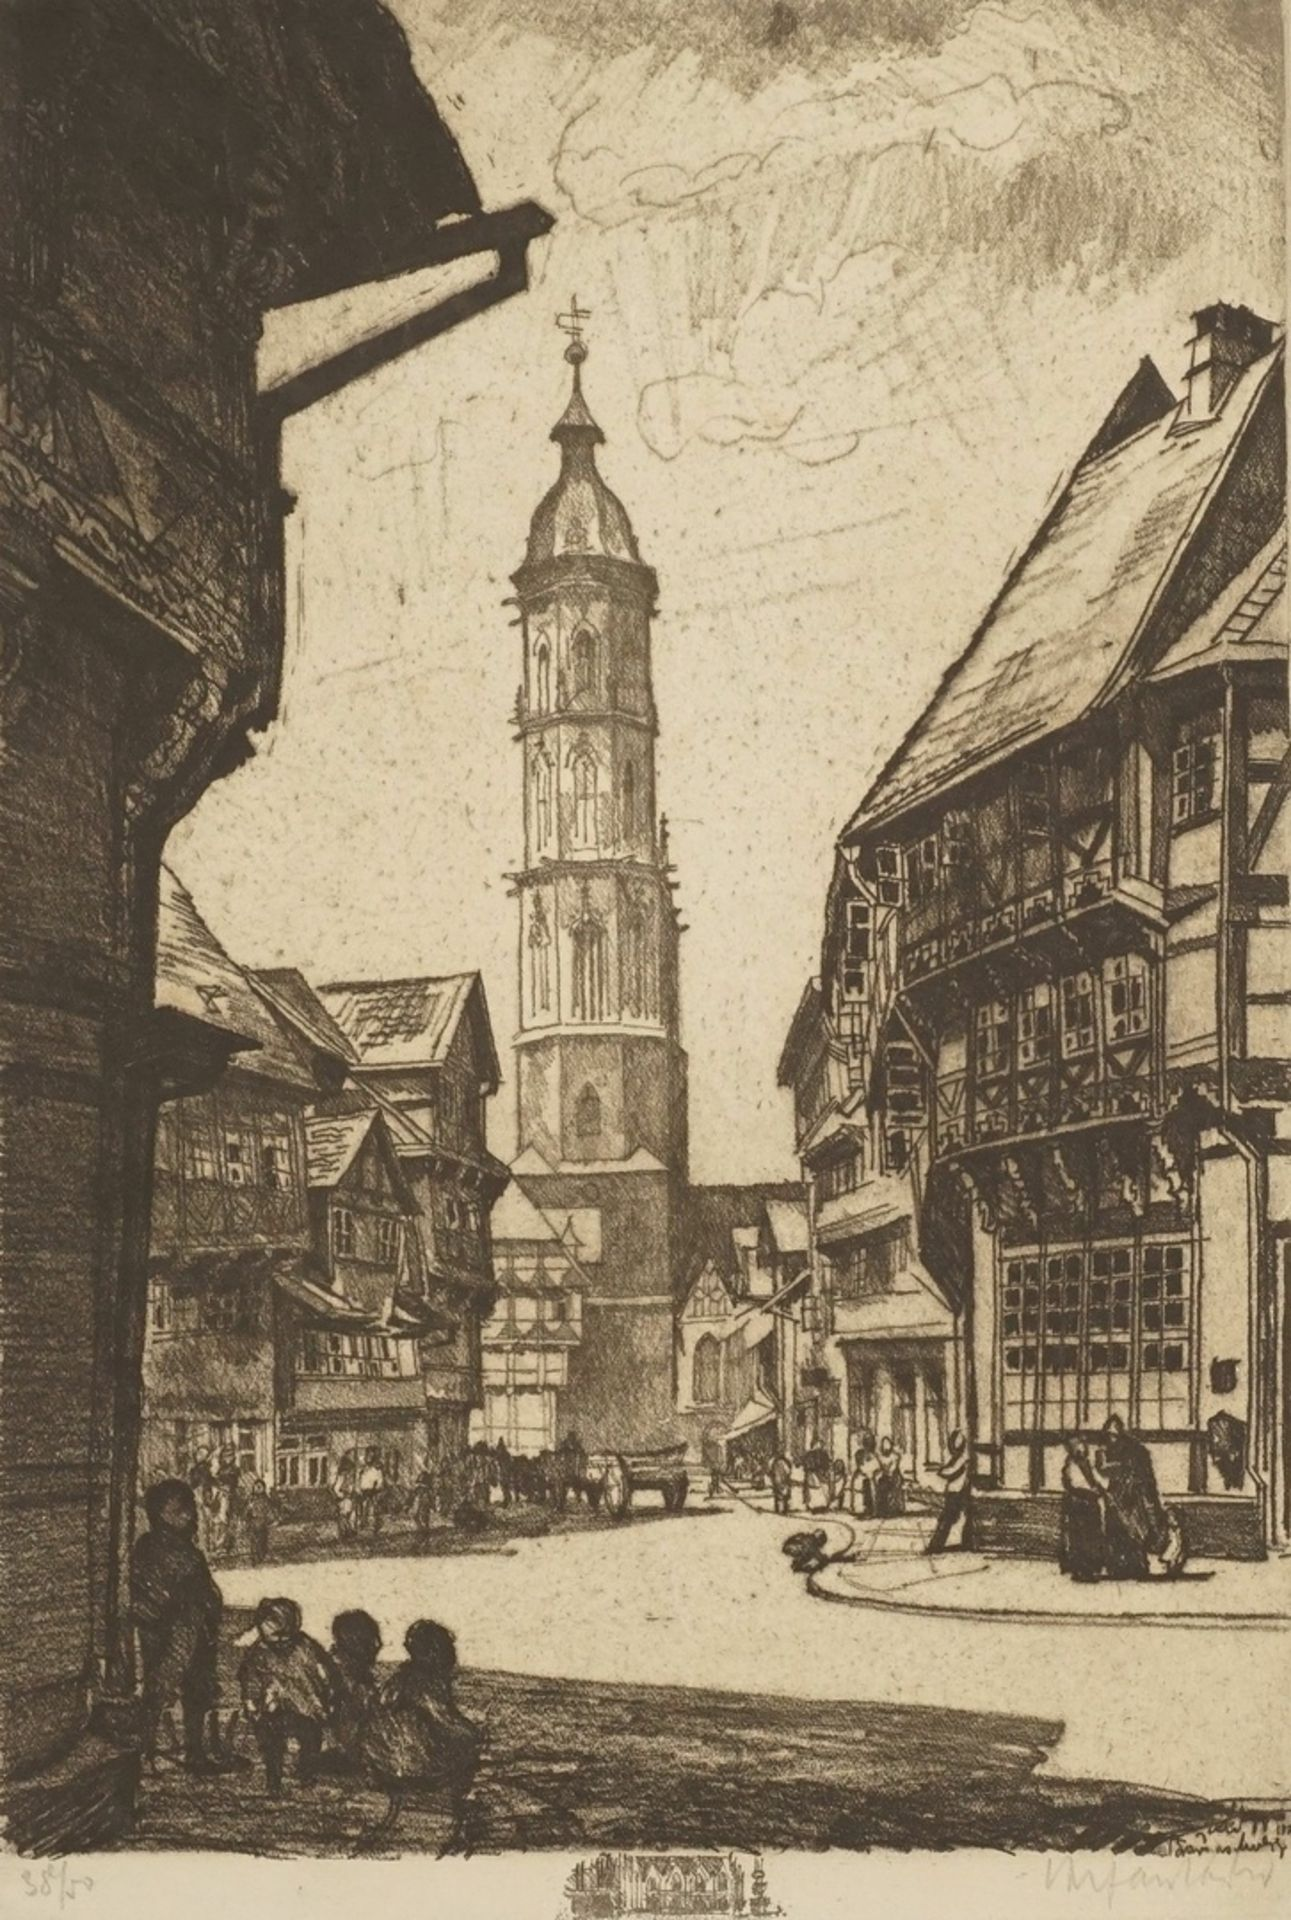 Unbekannter Radierkünstler, Sankt Andreas in Braunschweig